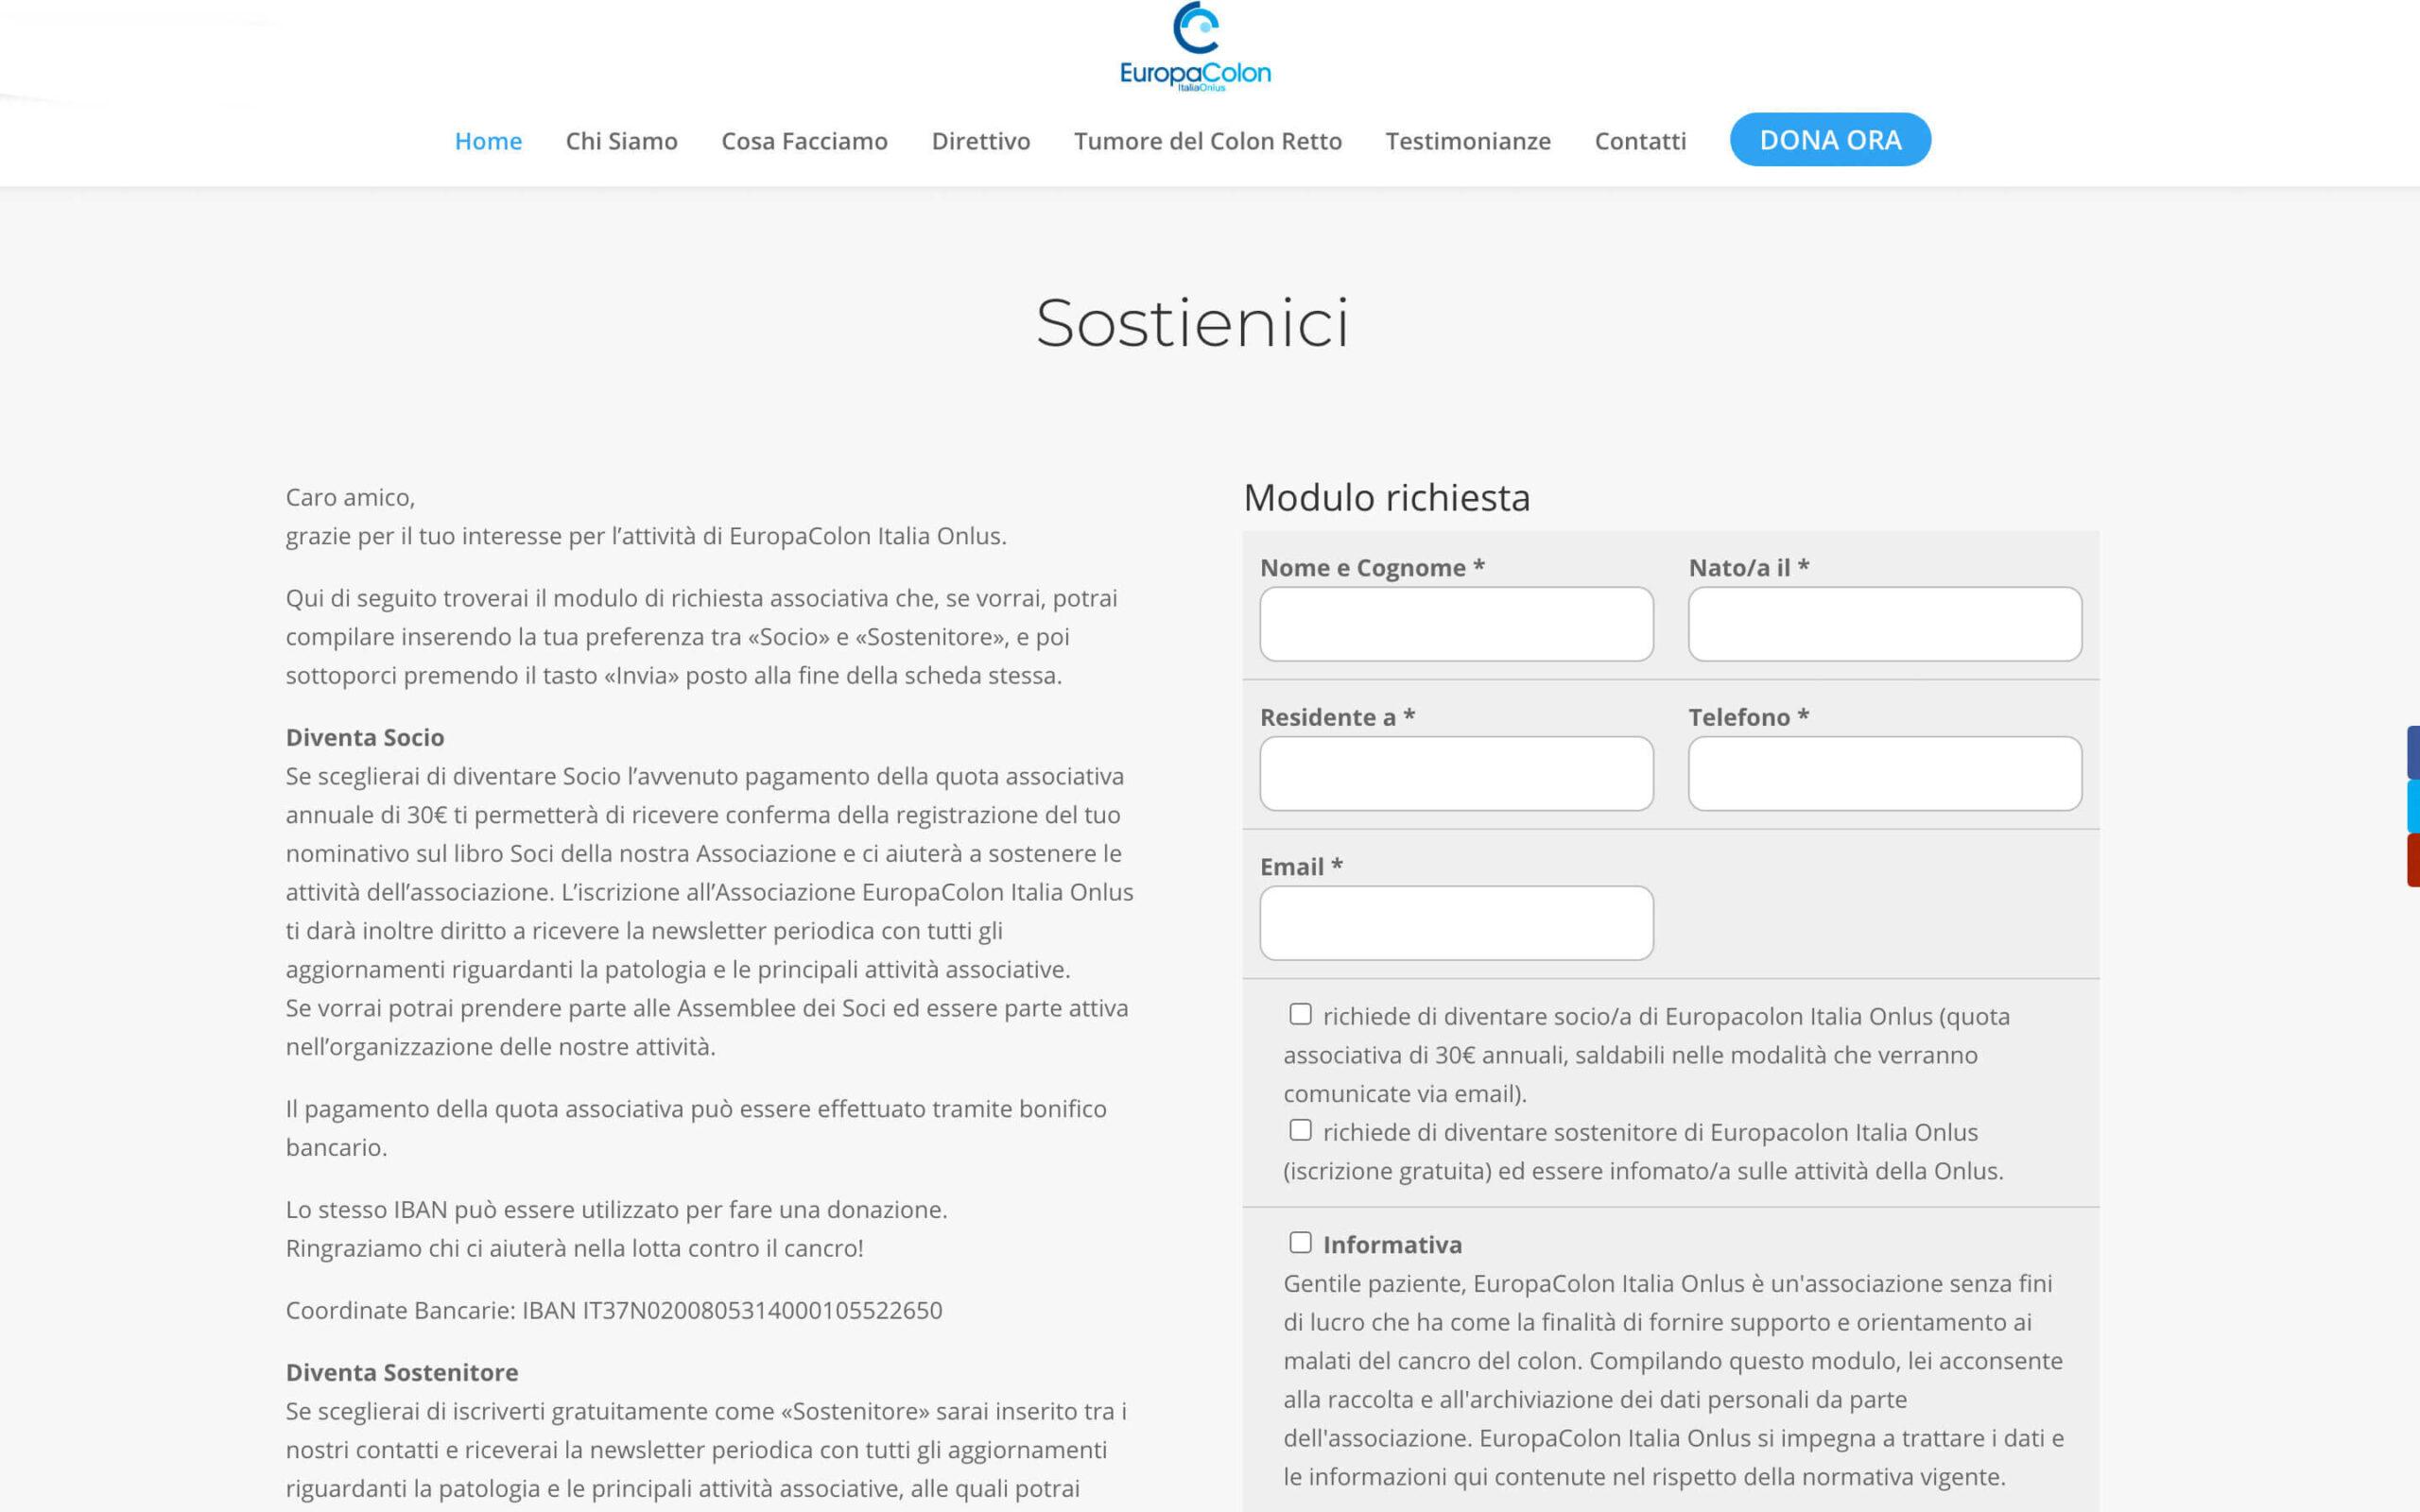 La pagina Dona Ora sul sito di europacolon.it